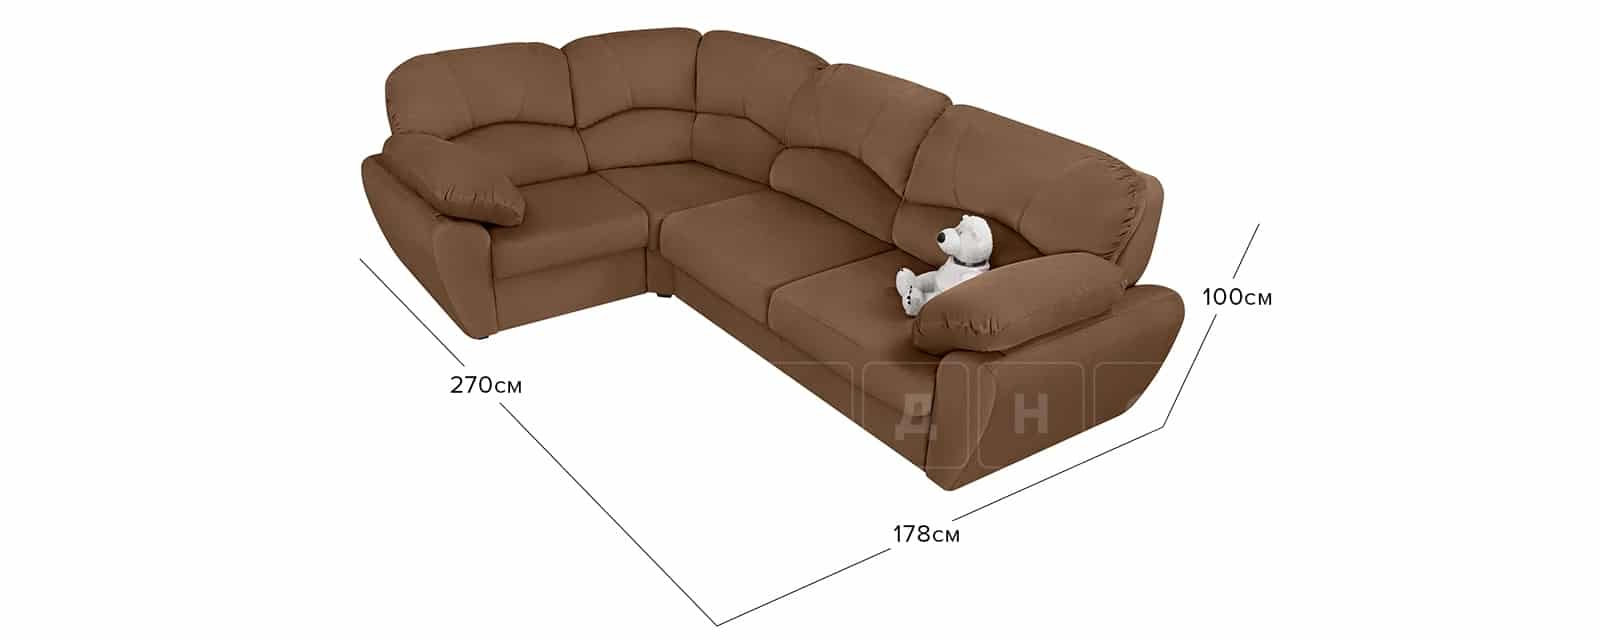 Угловой диван Эвита велюр коричневый левый угол фото 7 | интернет-магазин Складно